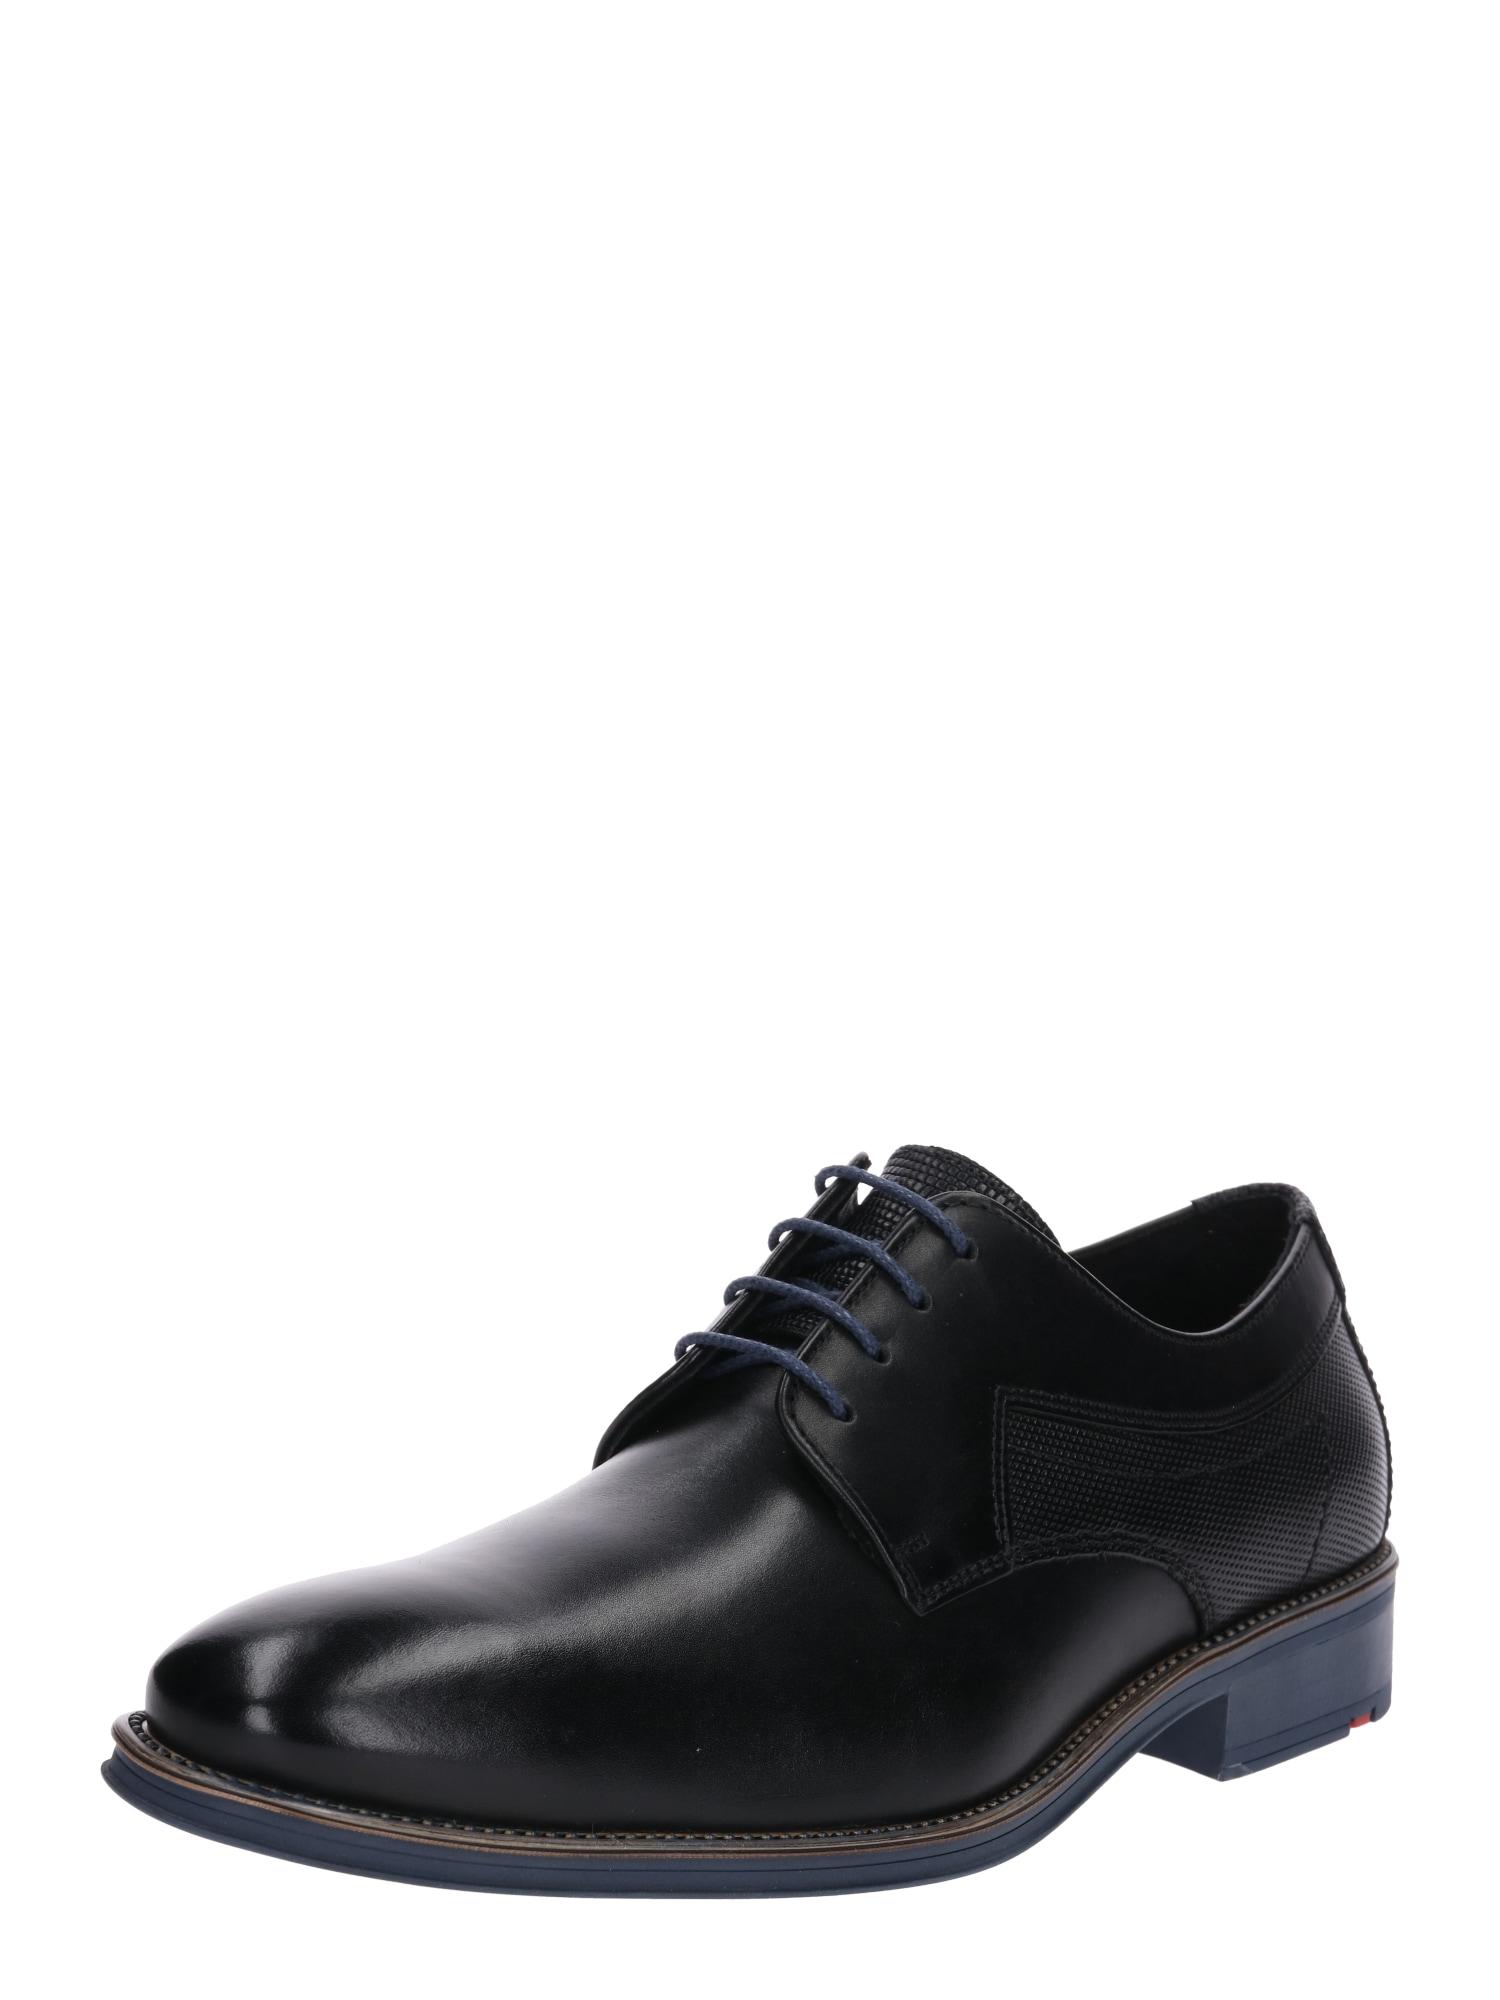 Šněrovací boty Genf černá LLOYD